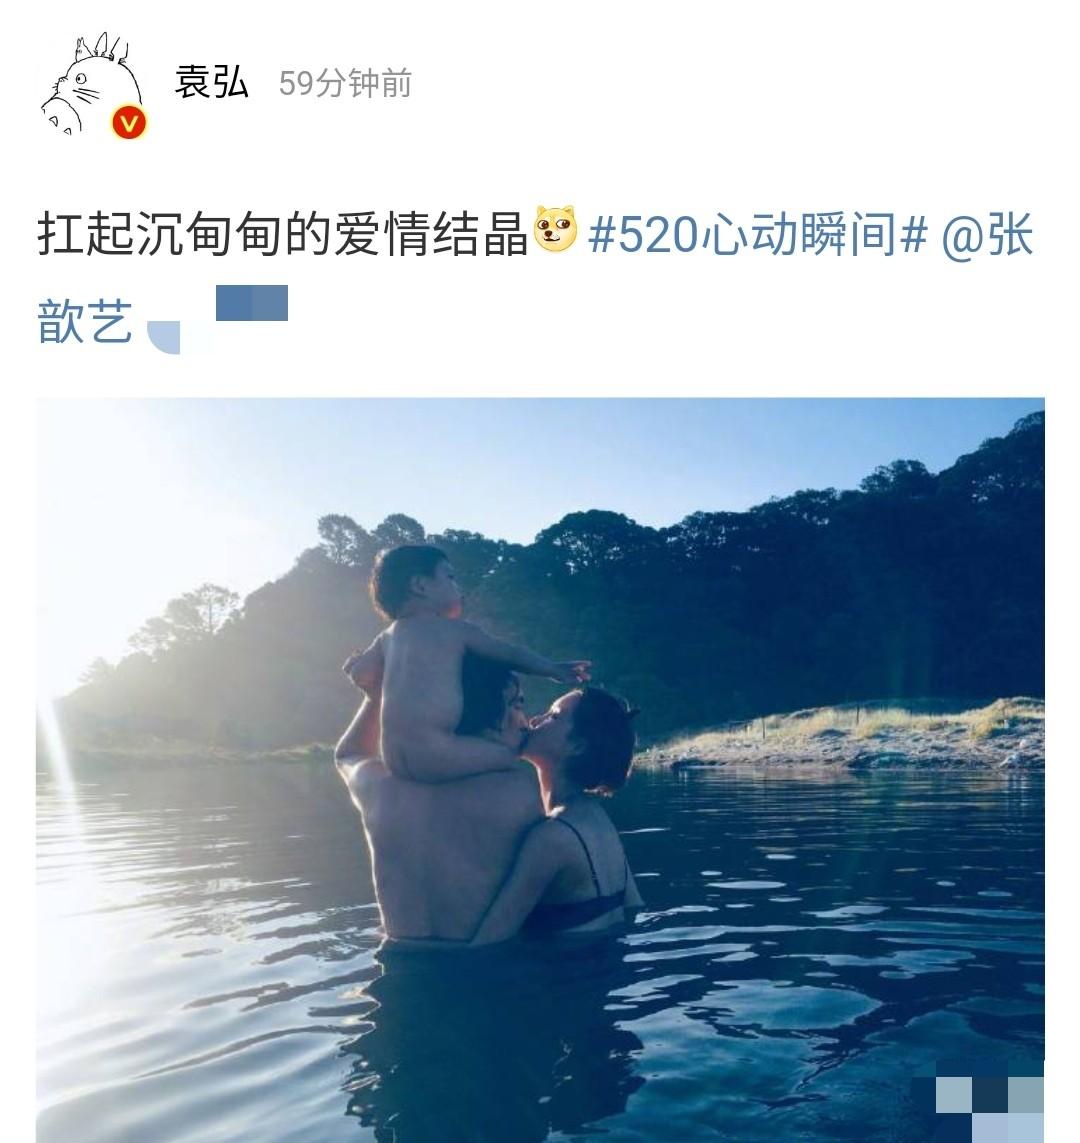 袁弘扛起儿子与张歆艺泳池亲吻